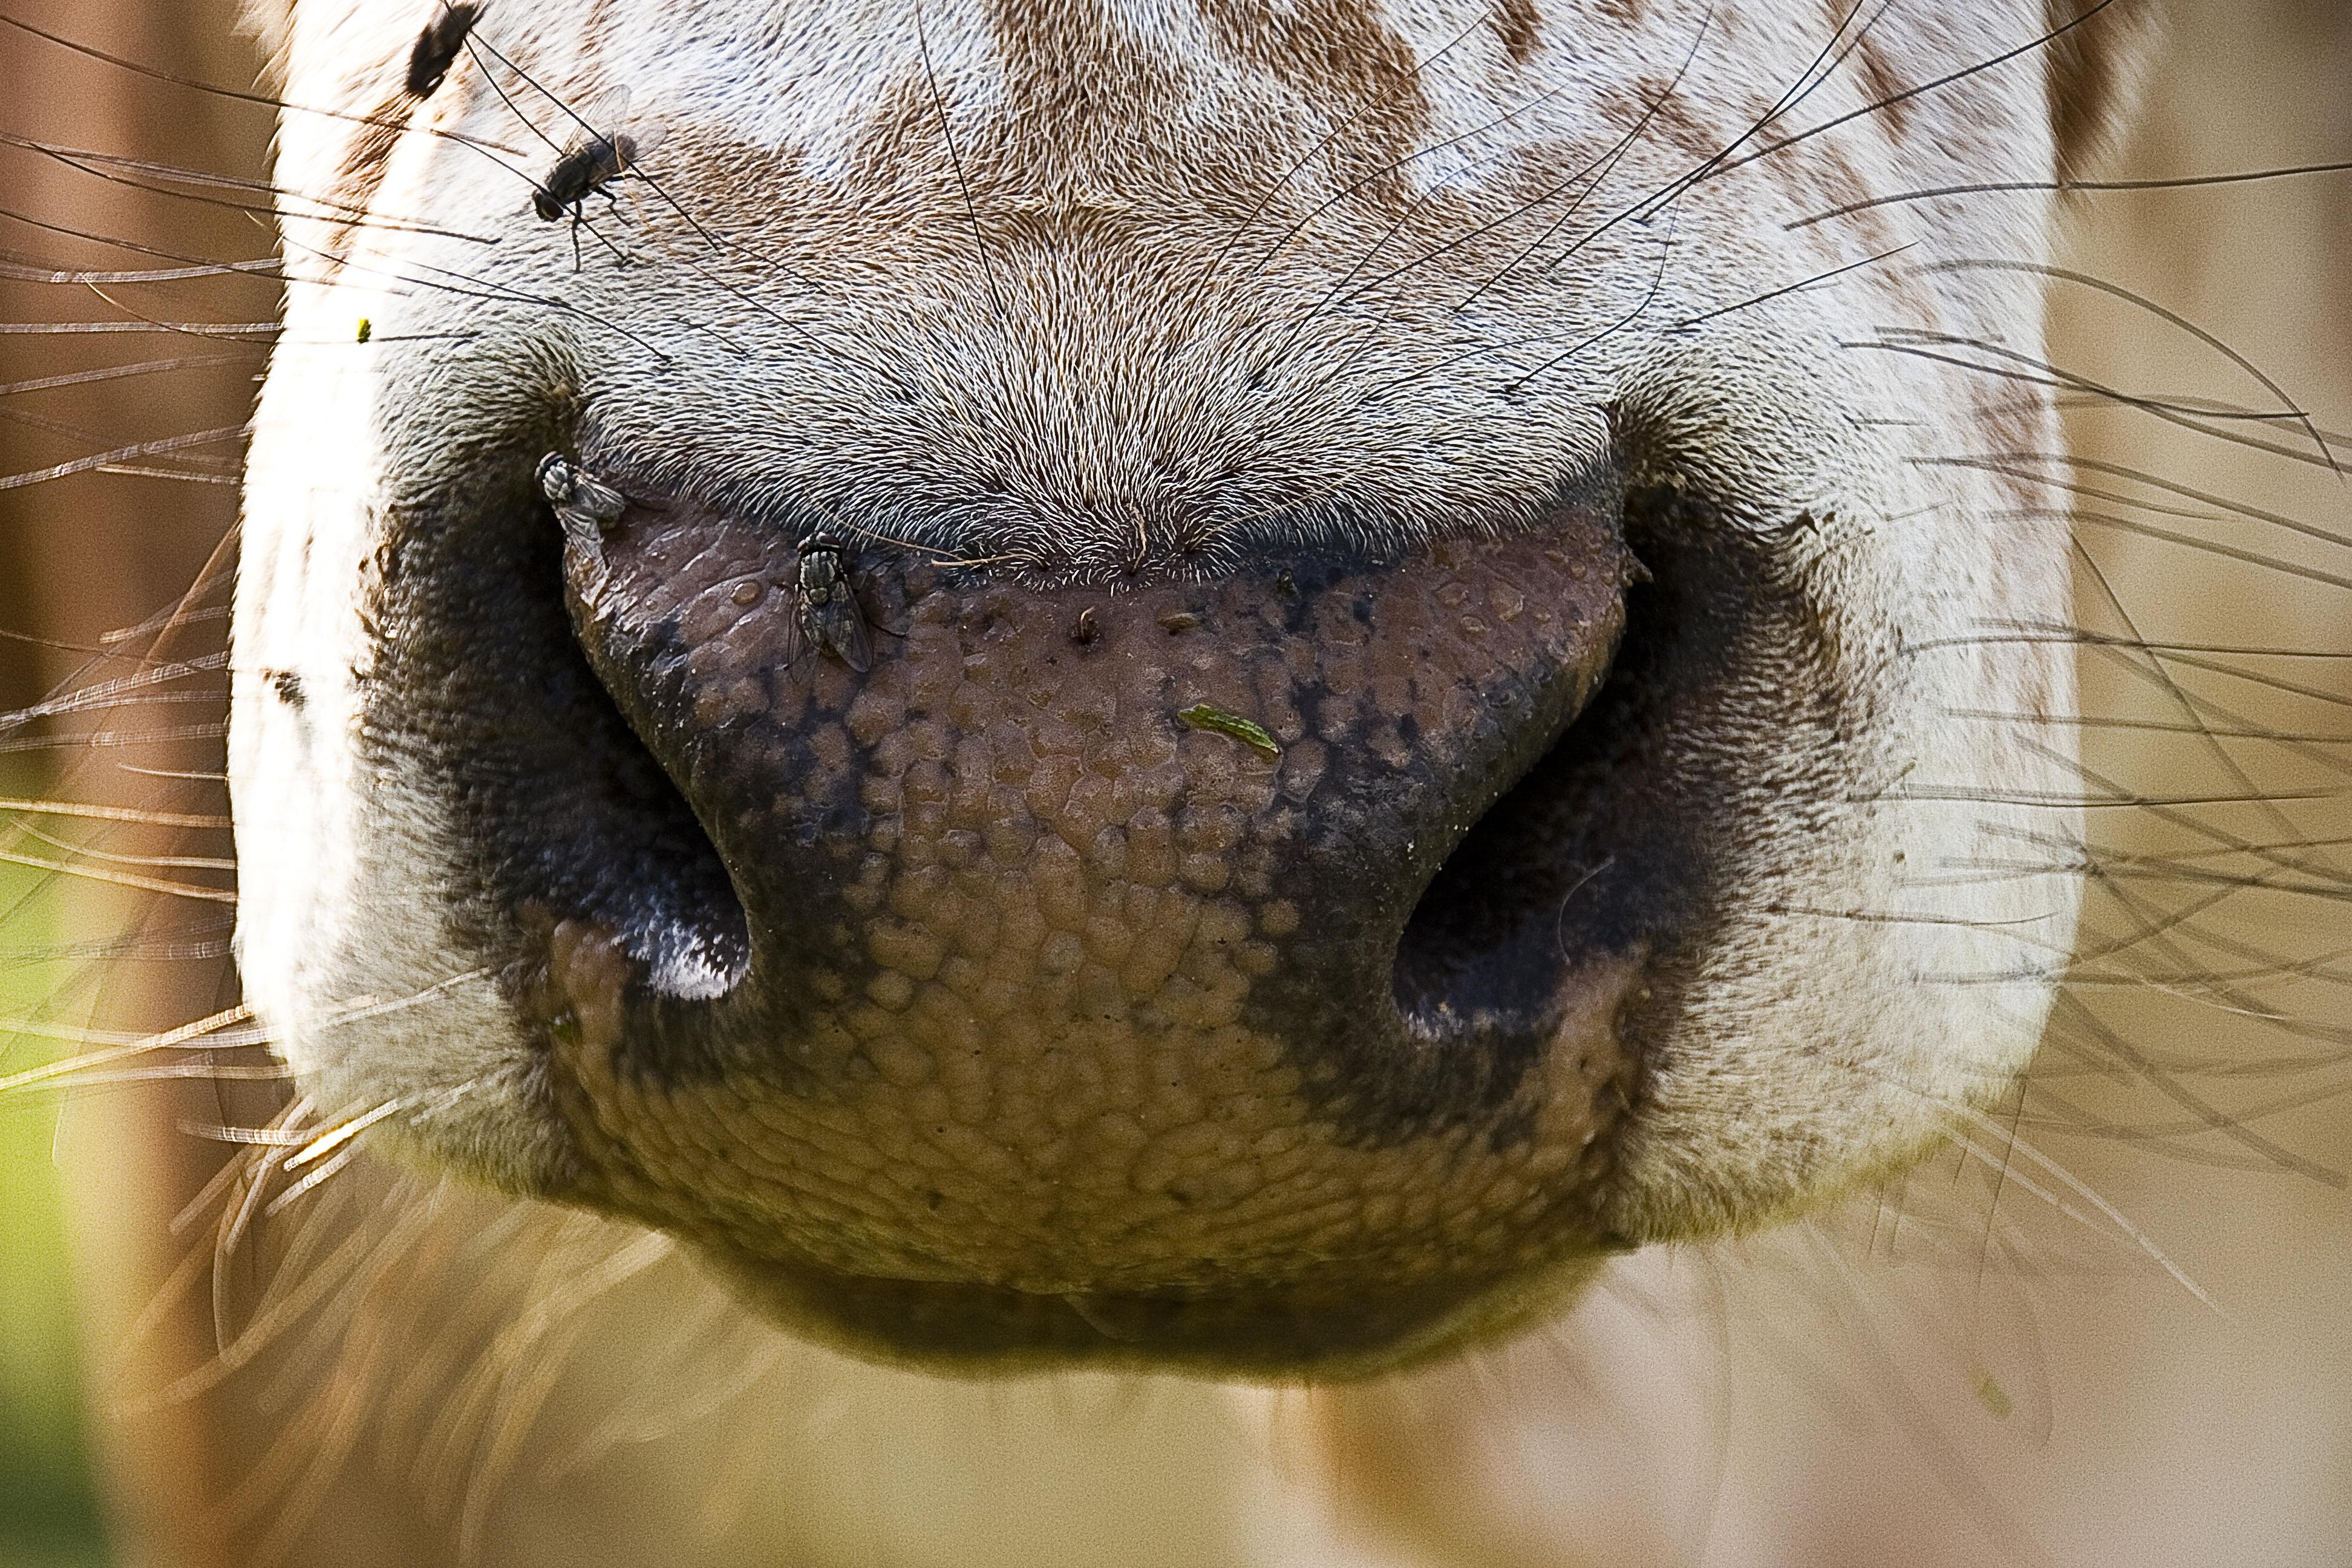 Cow zebu nose